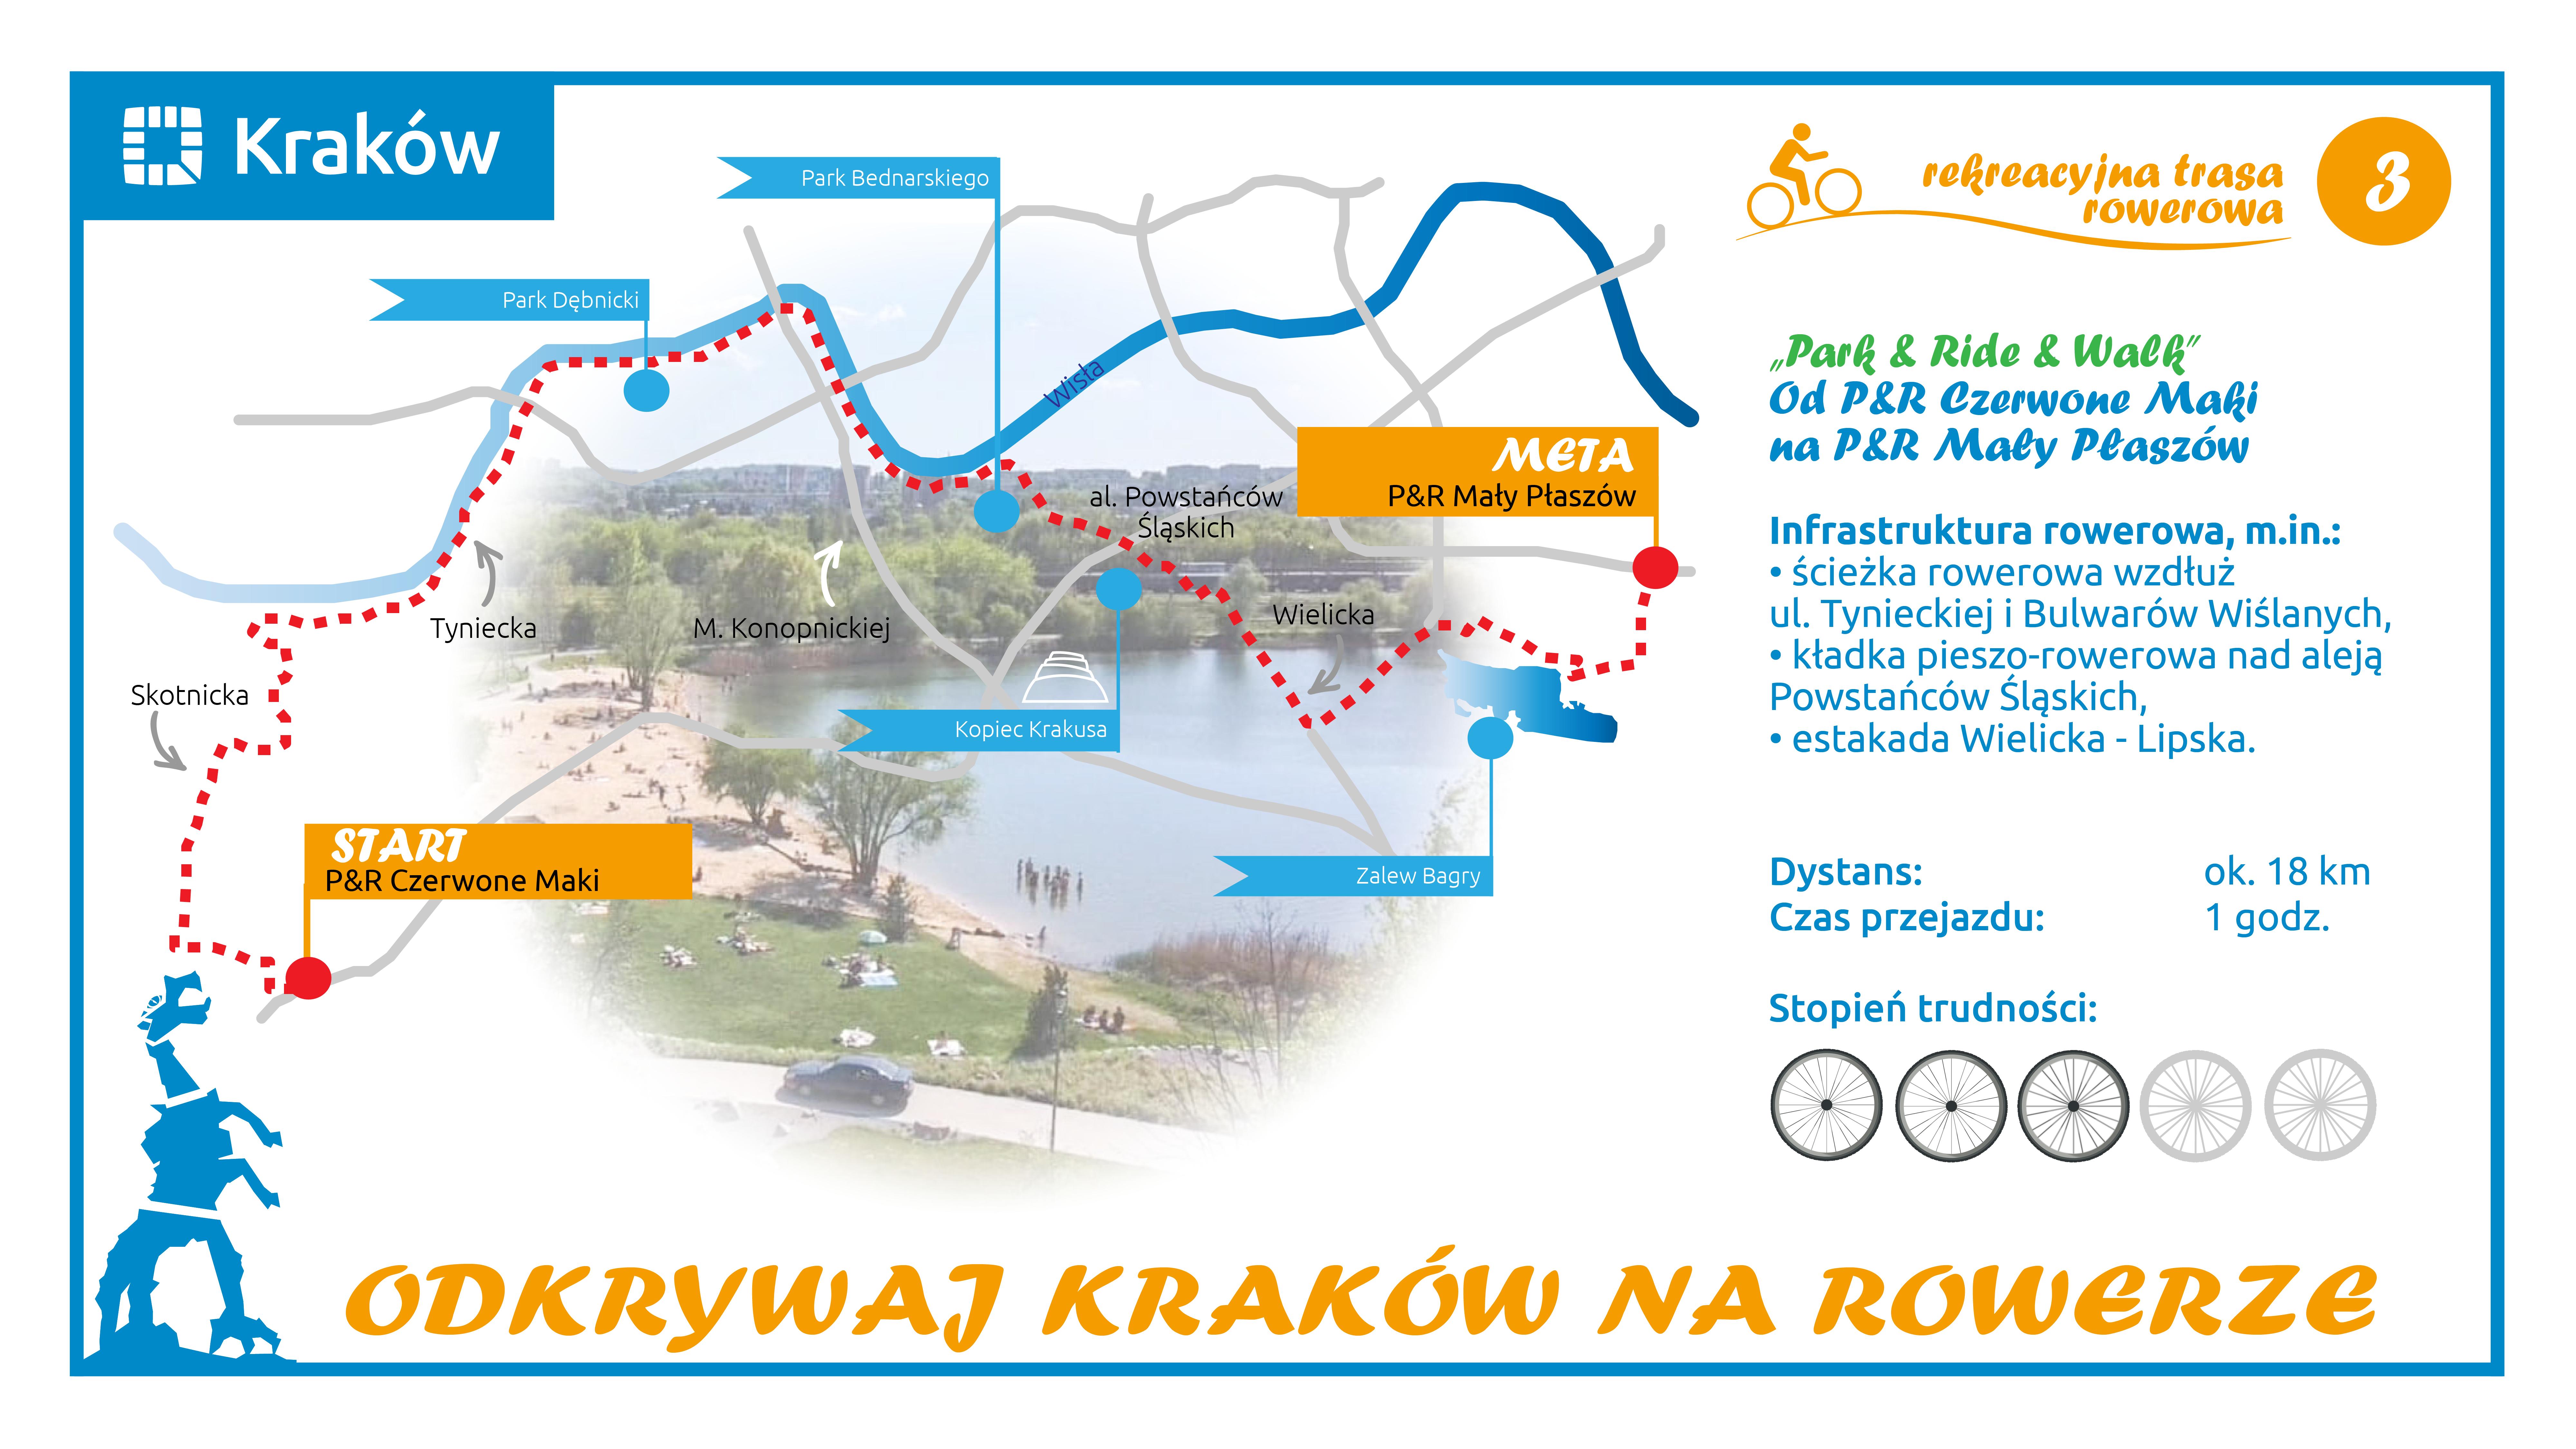 Zdjęcie Kraków w formie – Rowerowa podróż przez jedno miasto i trzy kraje